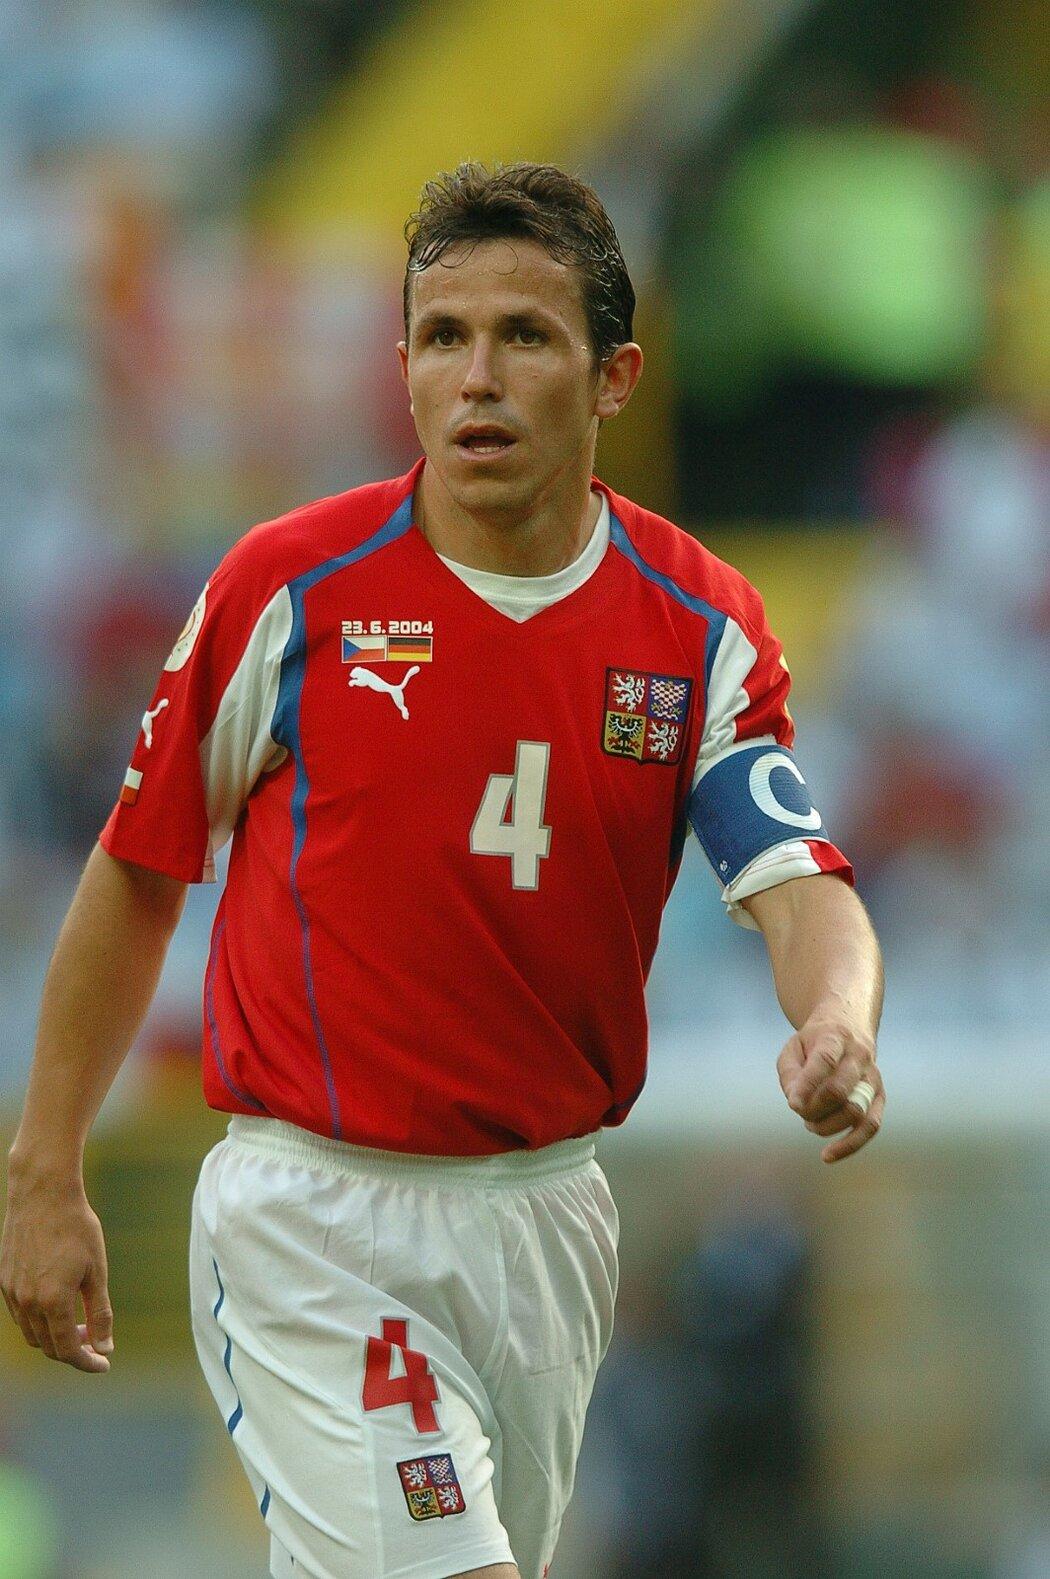 Tomáš Galásek vedl českou reprezentaci do zápasu s Německem v základní skupině EURO 2004 jako kapitán